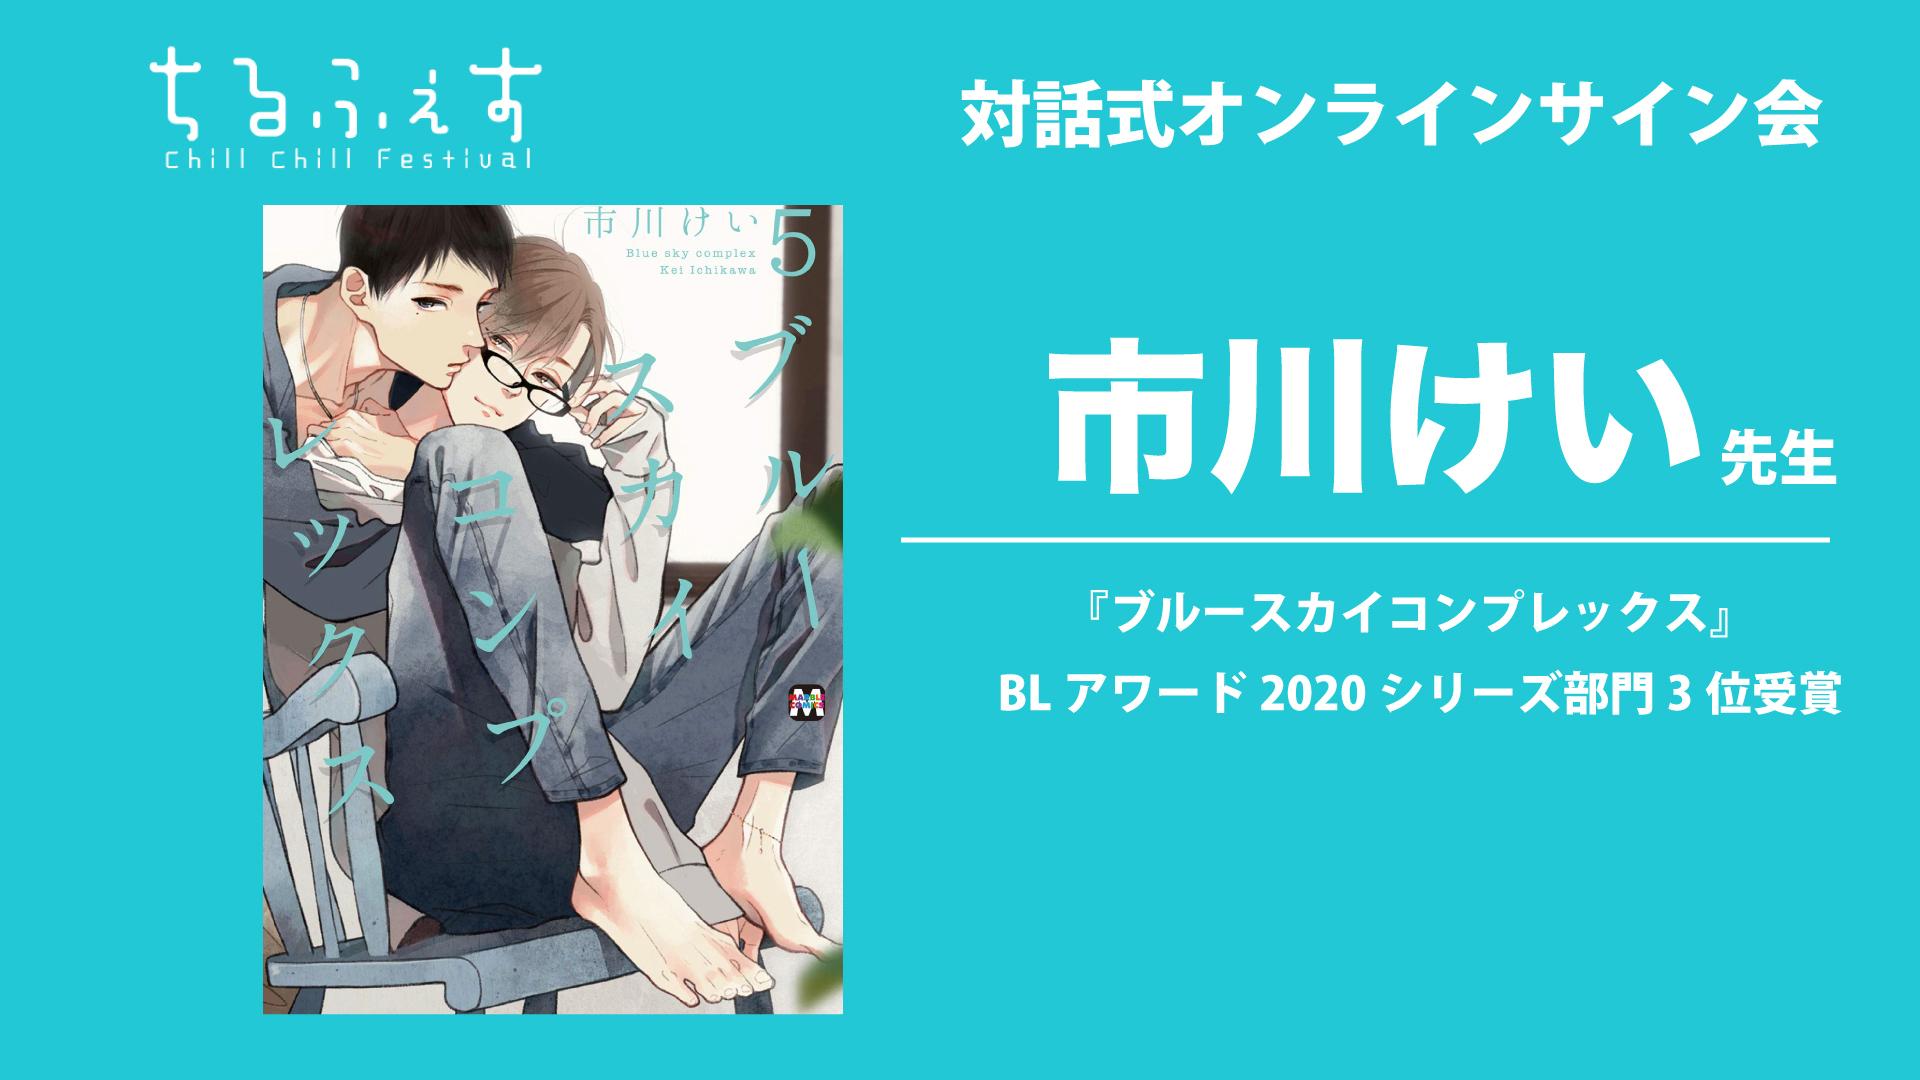 【CHILL CHILL FESTIVAL 3rd】市川けい先生オンラインサイン会